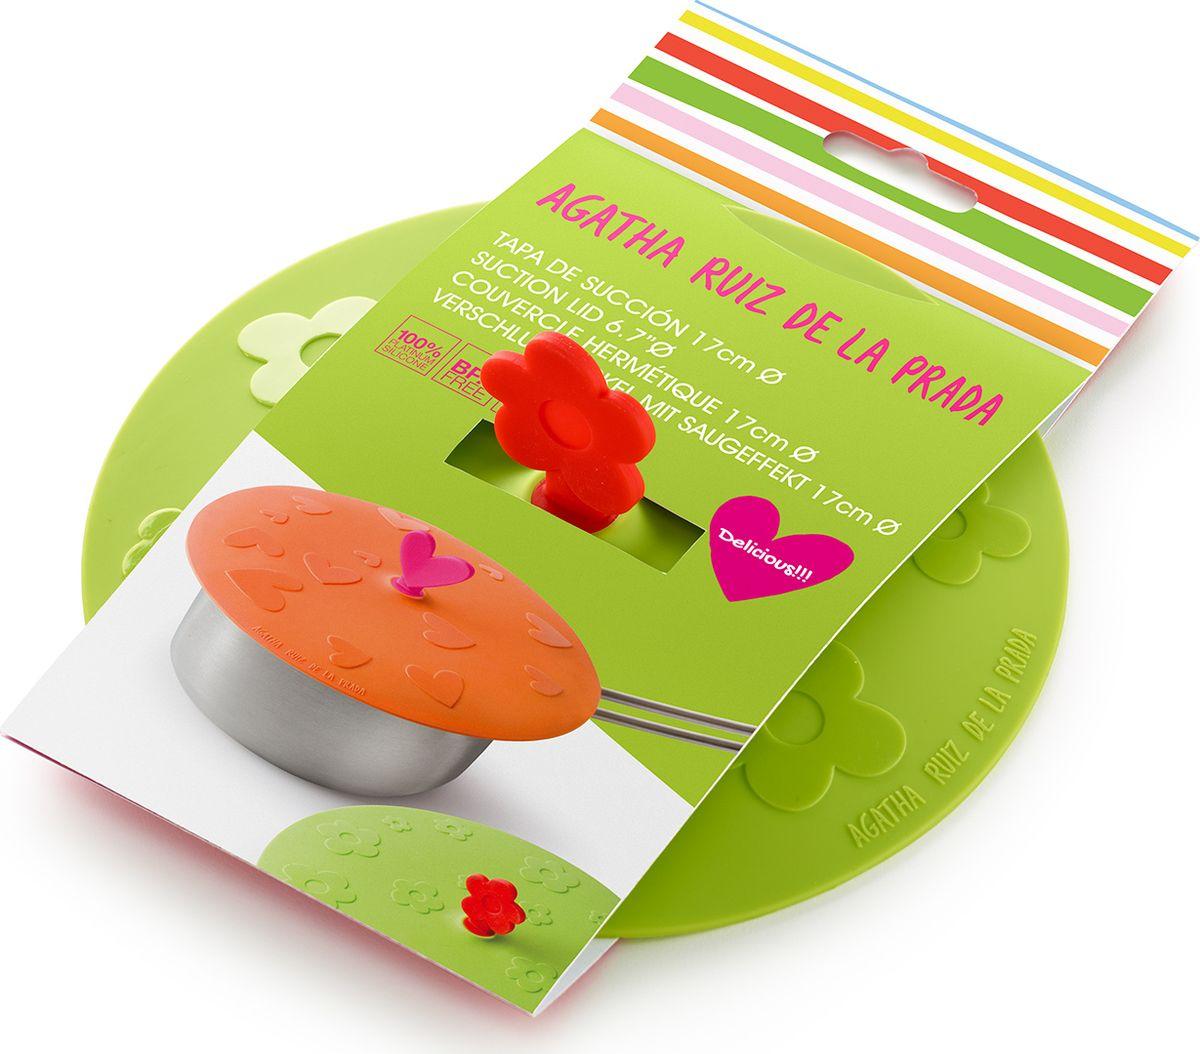 """Крышка герметичная Lekue """"Agatha. Цветок"""" - крышка в которой объединились опыт в производстве высоко-качественный посуды от Lekue и уникальный штрих от модного дизайнера.  Для хранения и жарки. Новинкой в области кухонных принадлежностей стали силиконовые крышки. Уникальный материал позволяет крышкам герметично закрывать посуду независимо от диаметра.   Силикон способен выдерживать большие перепады температур, не теряя своих свойств, поэтому крышки можно использовать для хранения приготовленных продуктов в холодильнике. Проблема неприятных запахов в холодильнике будет решена навсегда, потому что крышки плотно закрывают посуду, препятствуя распространению запахов.   Силиконовые крышки очень удобны в использовании и позволяют хранить продукты без доступа воздуха, чтобы они оставались свежими в течение нескольких дней.  Теперь, имея под рукой такие практичные, удобные компактные силиконовые крышки, хозяйке не надо будет беспокоиться о продуктах, которые надо сохранить в холодильнике, перевезти на дачу или взять с собой на пикник. Уникальная силиконовая крышка гарантирует наилучший результат, если необходимо сохранить сочность и аромат приготовленных продуктов!  Силиконовые крышки герметично закроют любую посуду - от кастрюль и сковородок до тарелок и стаканов. Они практичны: не боятся высоких температур (до +260 градусов) и пригорания продуктов, не бьются, легко моются, компактны и удобны в хранении."""